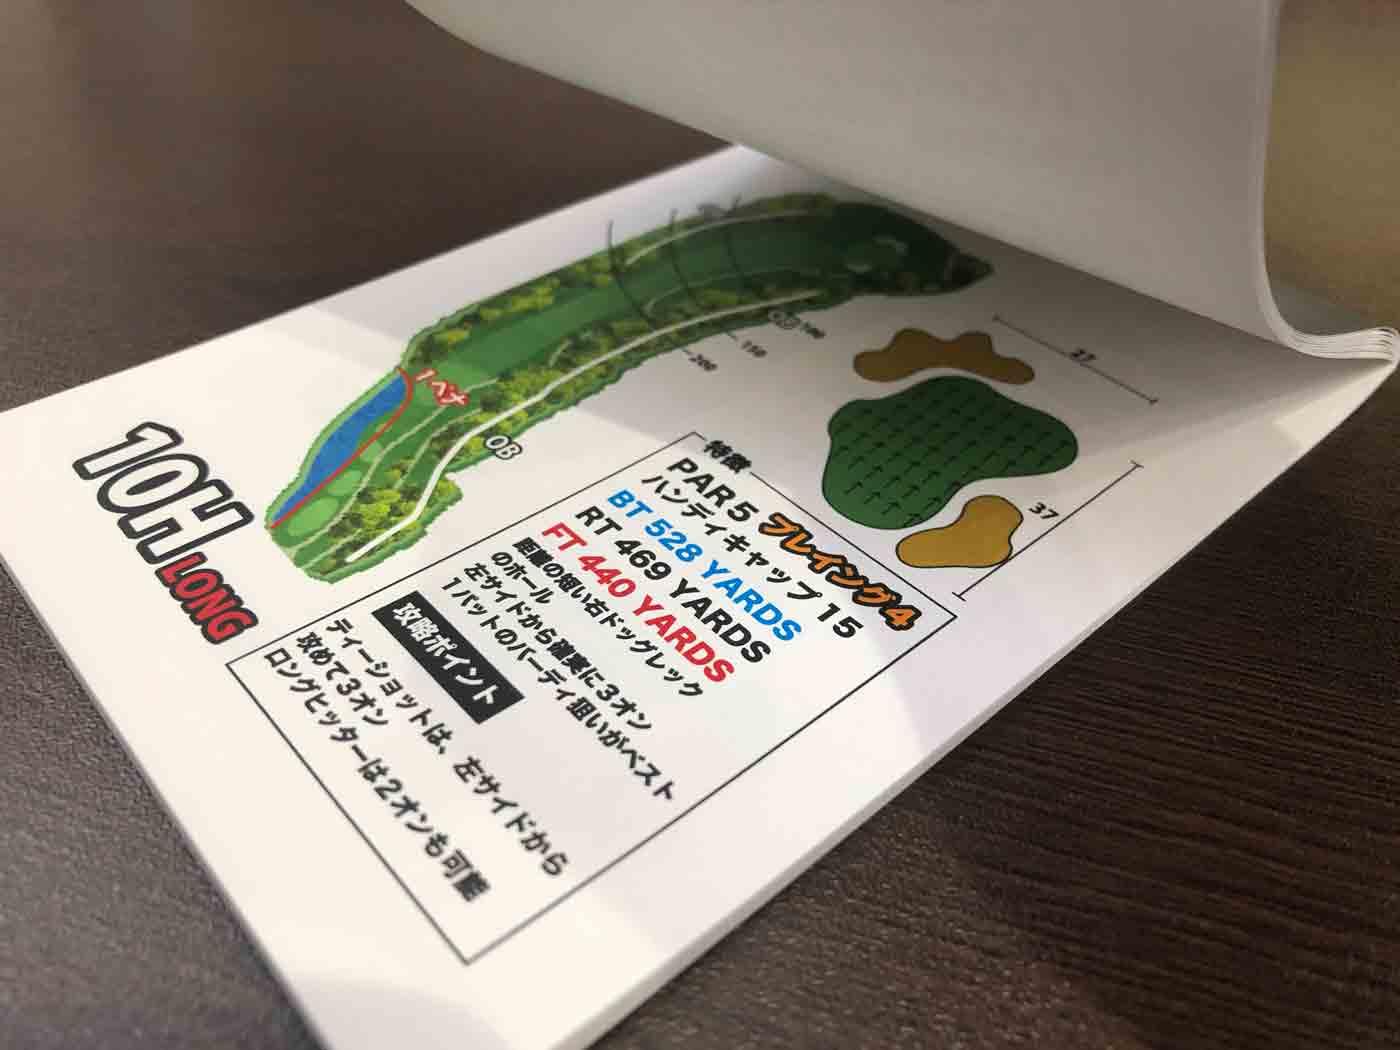 星野リゾートメローウッドゴルフクラブ様 ヤーデージブック